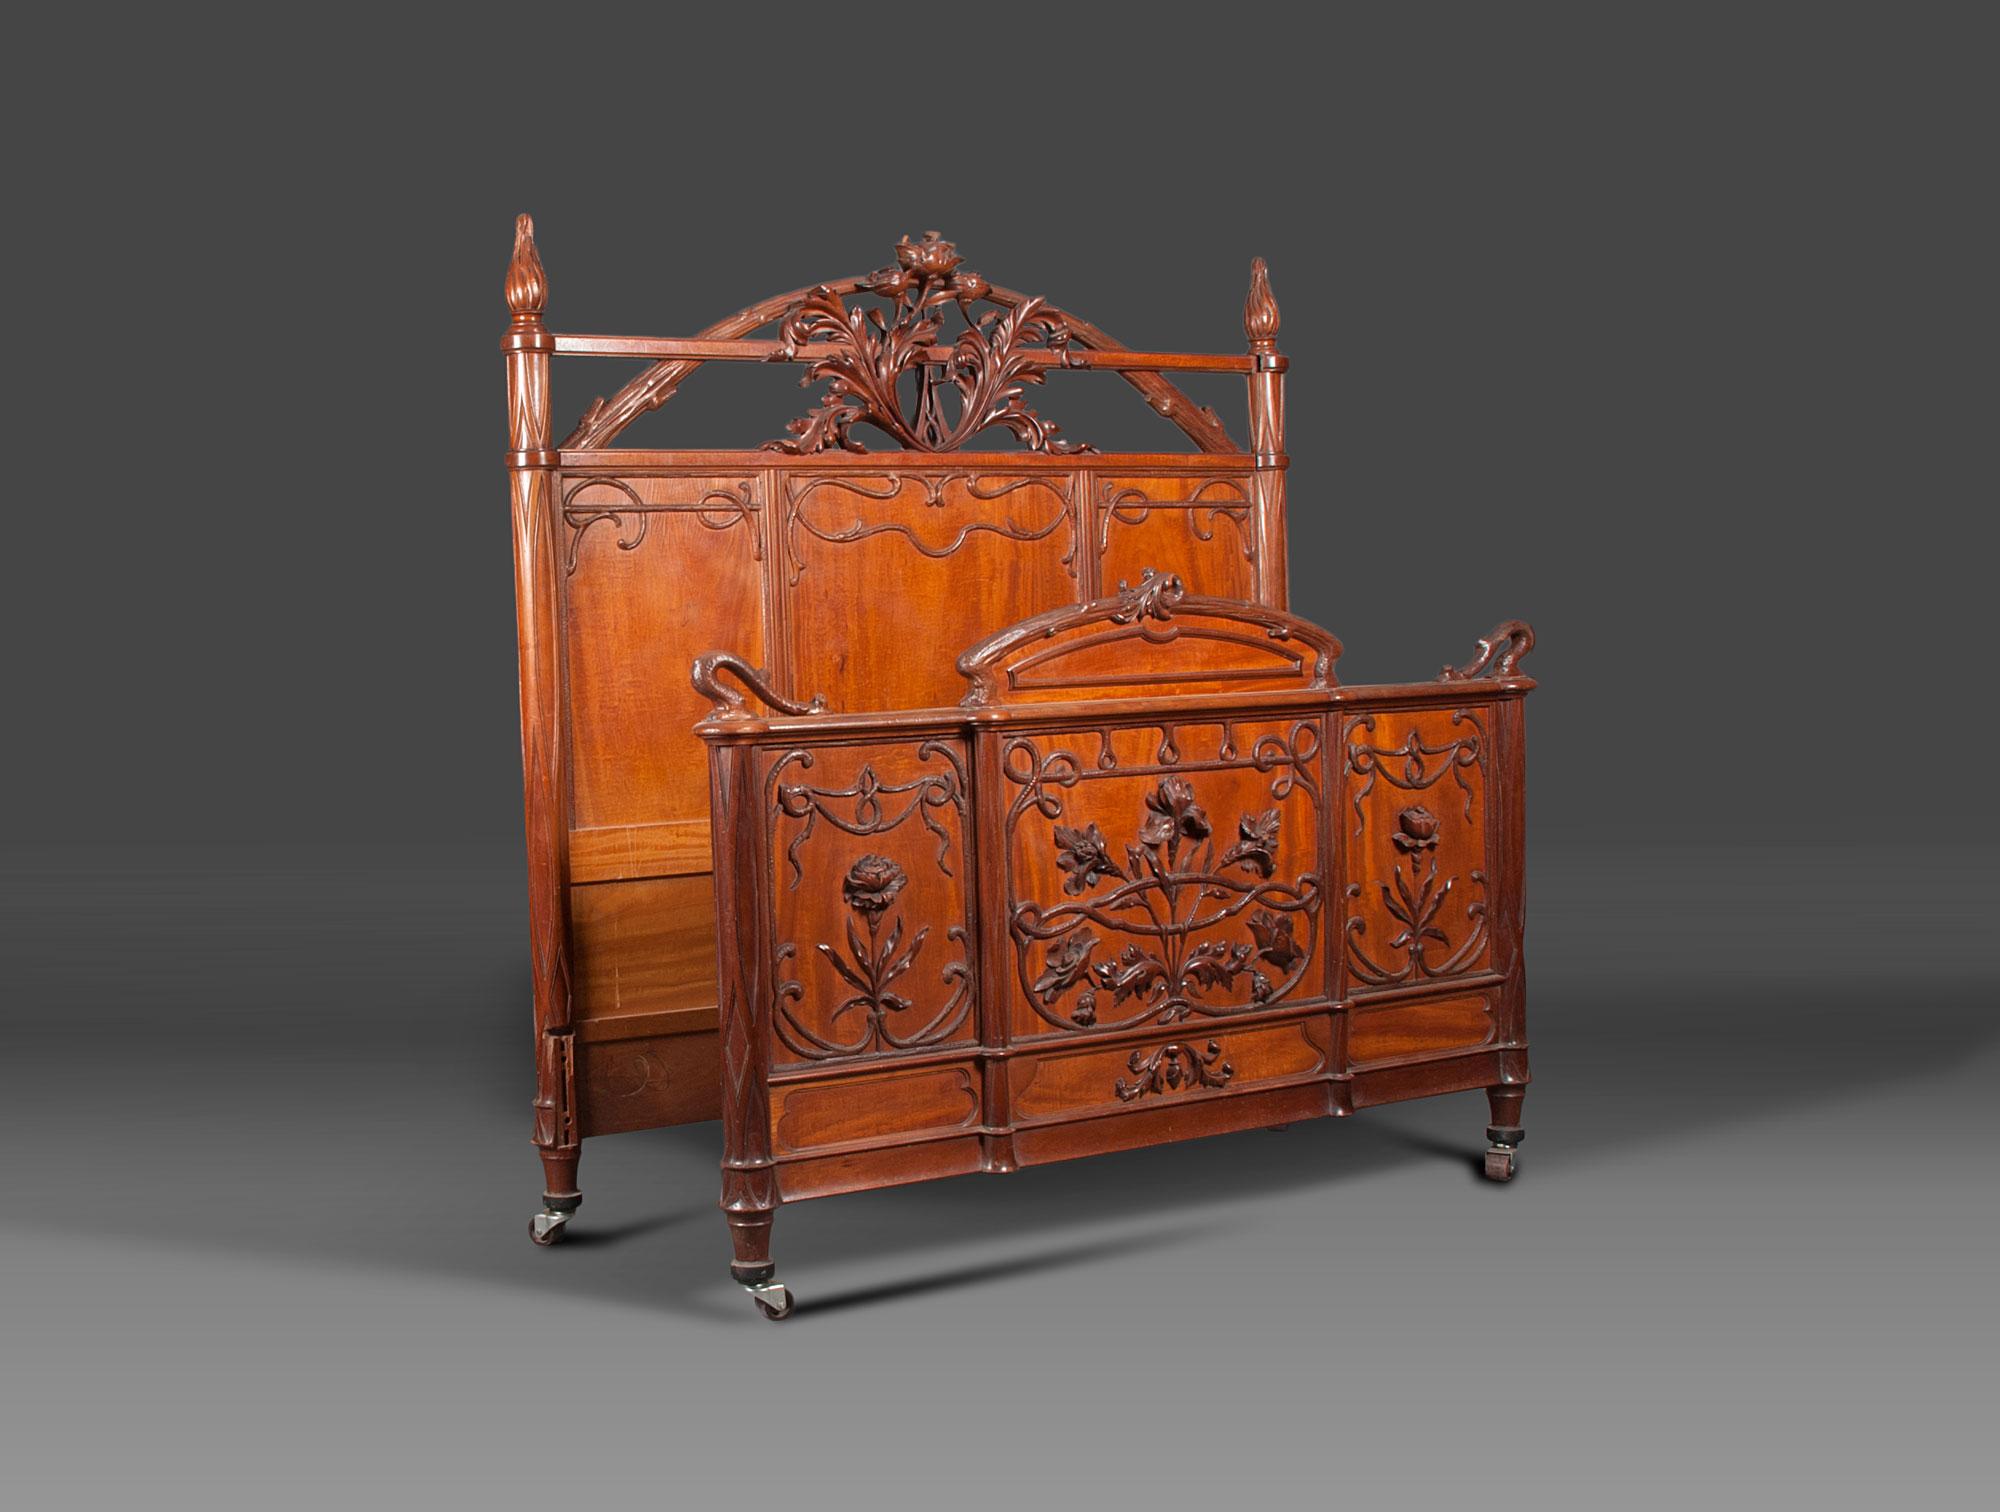 Grand lit 1900 soubrier louer mobiliers lit xixe for Lit grand lit